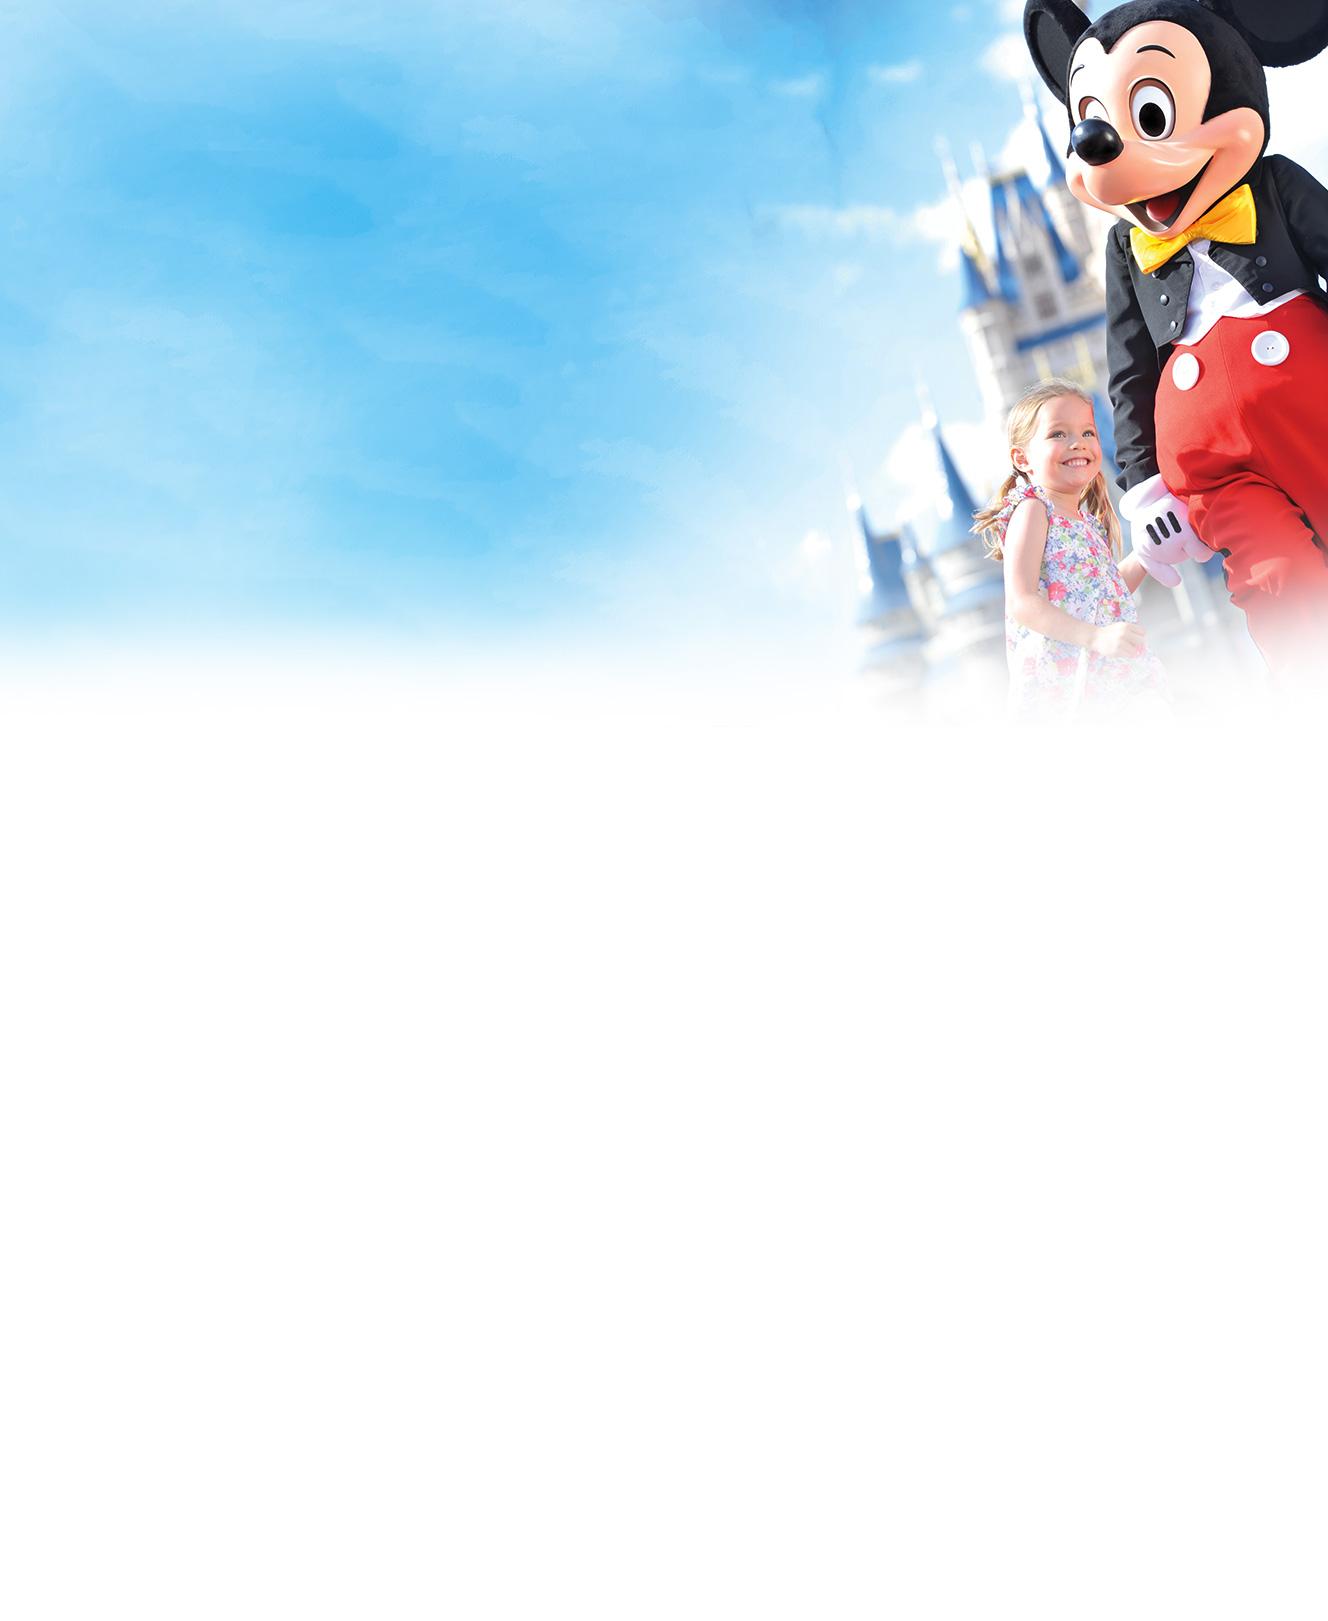 Ofertas de viajes a Disney